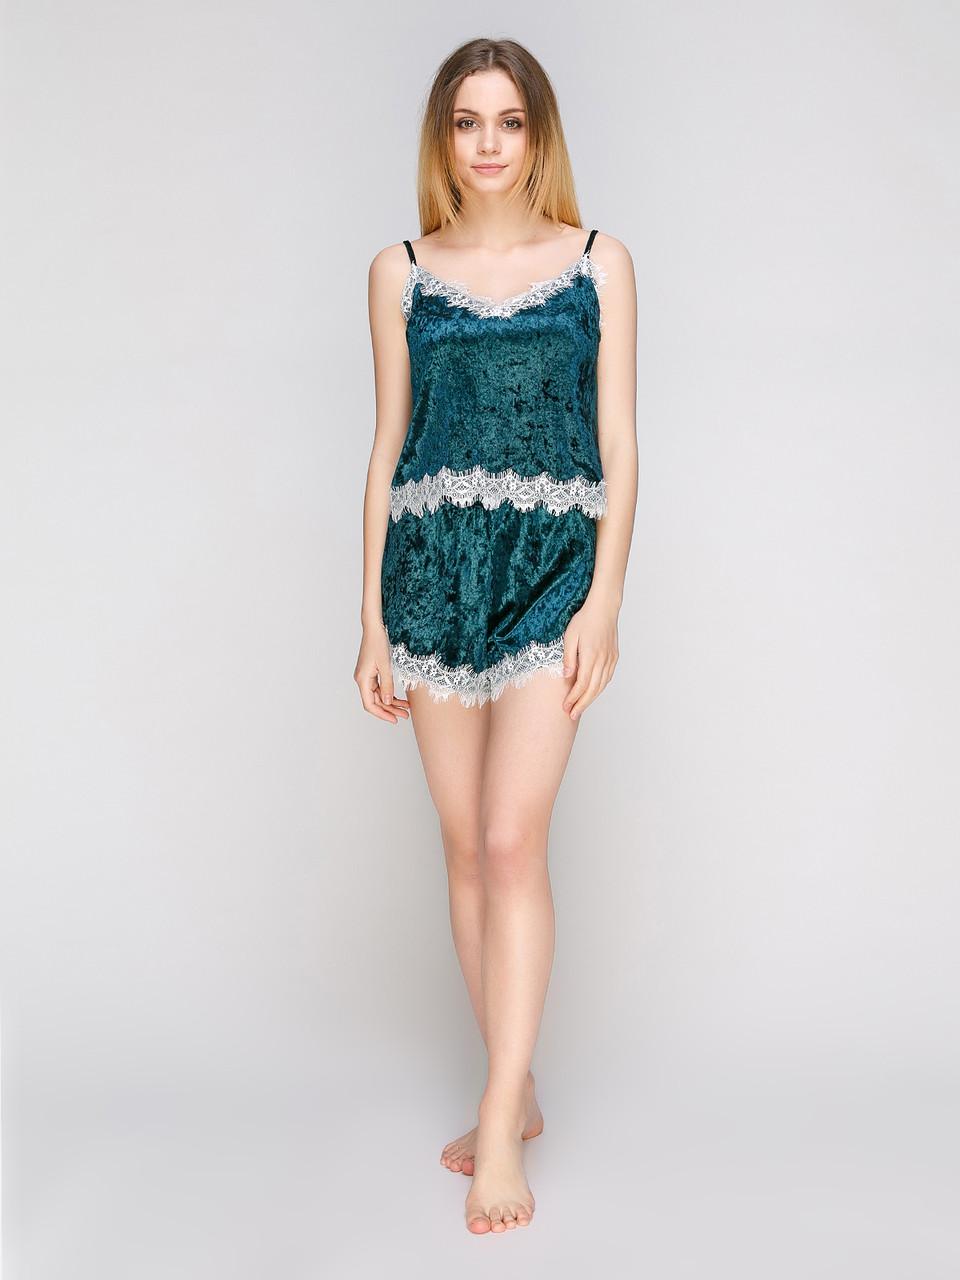 Комплект майка шорты Serenade из мраморного велюра изумрудный с шампаневым кружевом